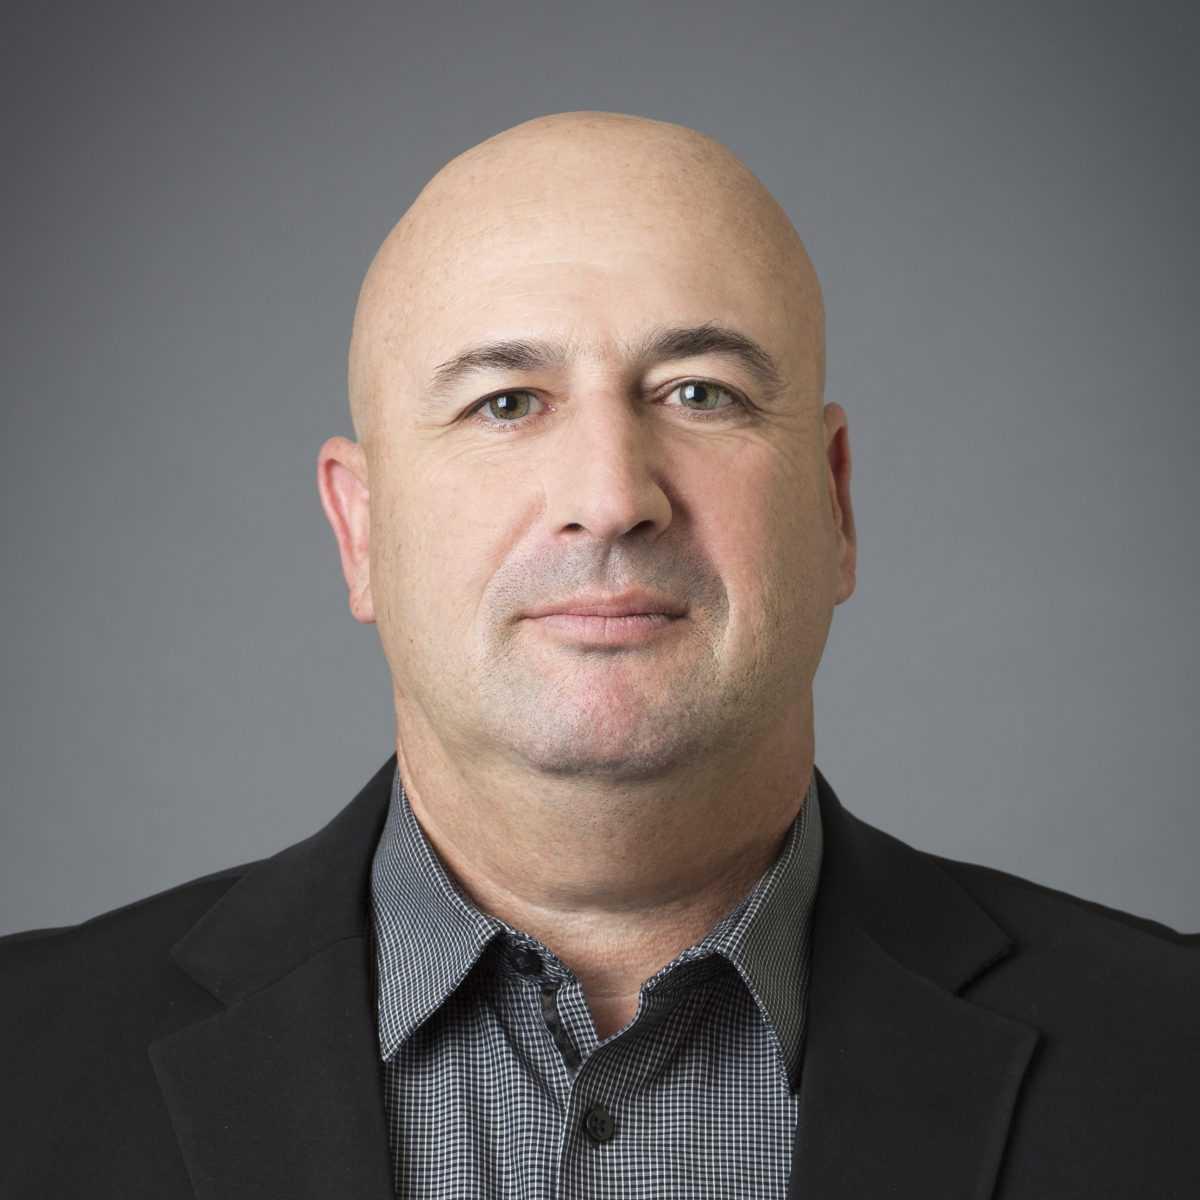 """אמיר רביד מנכ""""ל חטיבת פתרונות התשלום וסמנכ""""ל הפיתוח העסקי"""